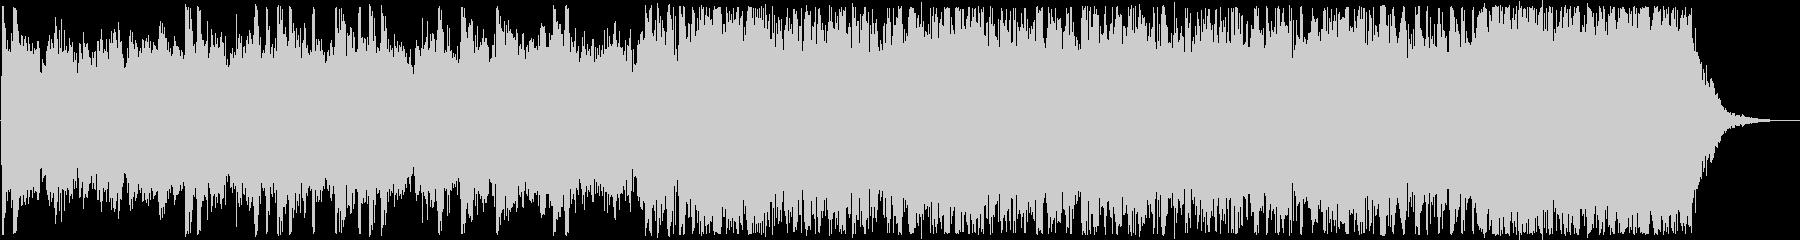 ハードロック、ヘビーメタル25秒ジングルの未再生の波形